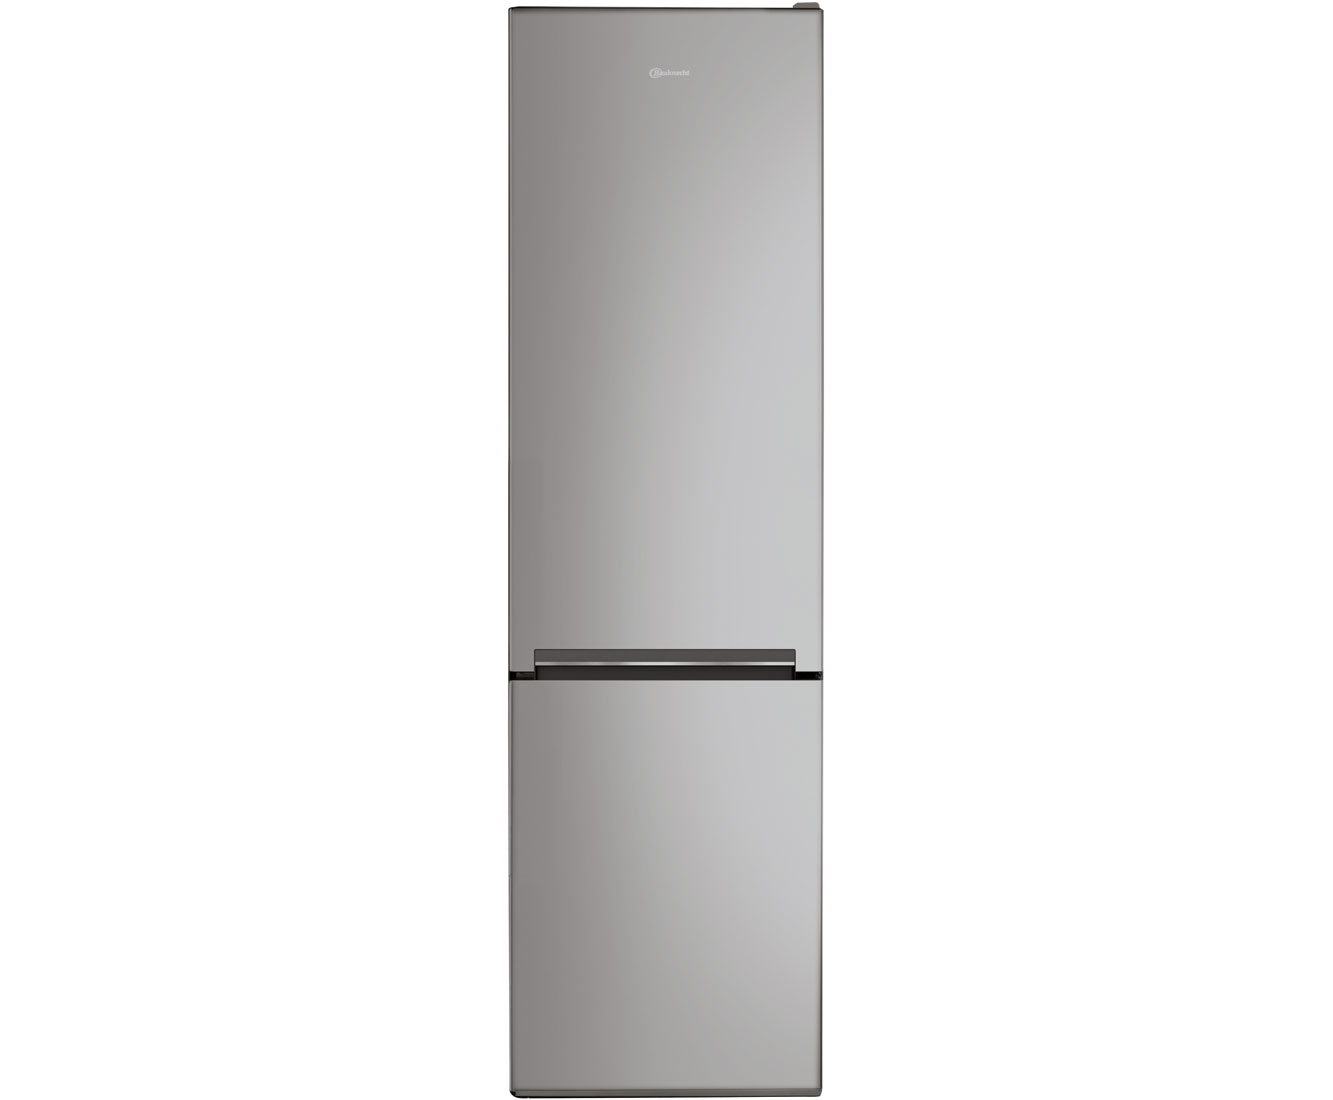 Aeg Kühlschrank Birne Wechseln : Bauknecht kühlschrank lampe wechseln wasser im kühlschrank unter